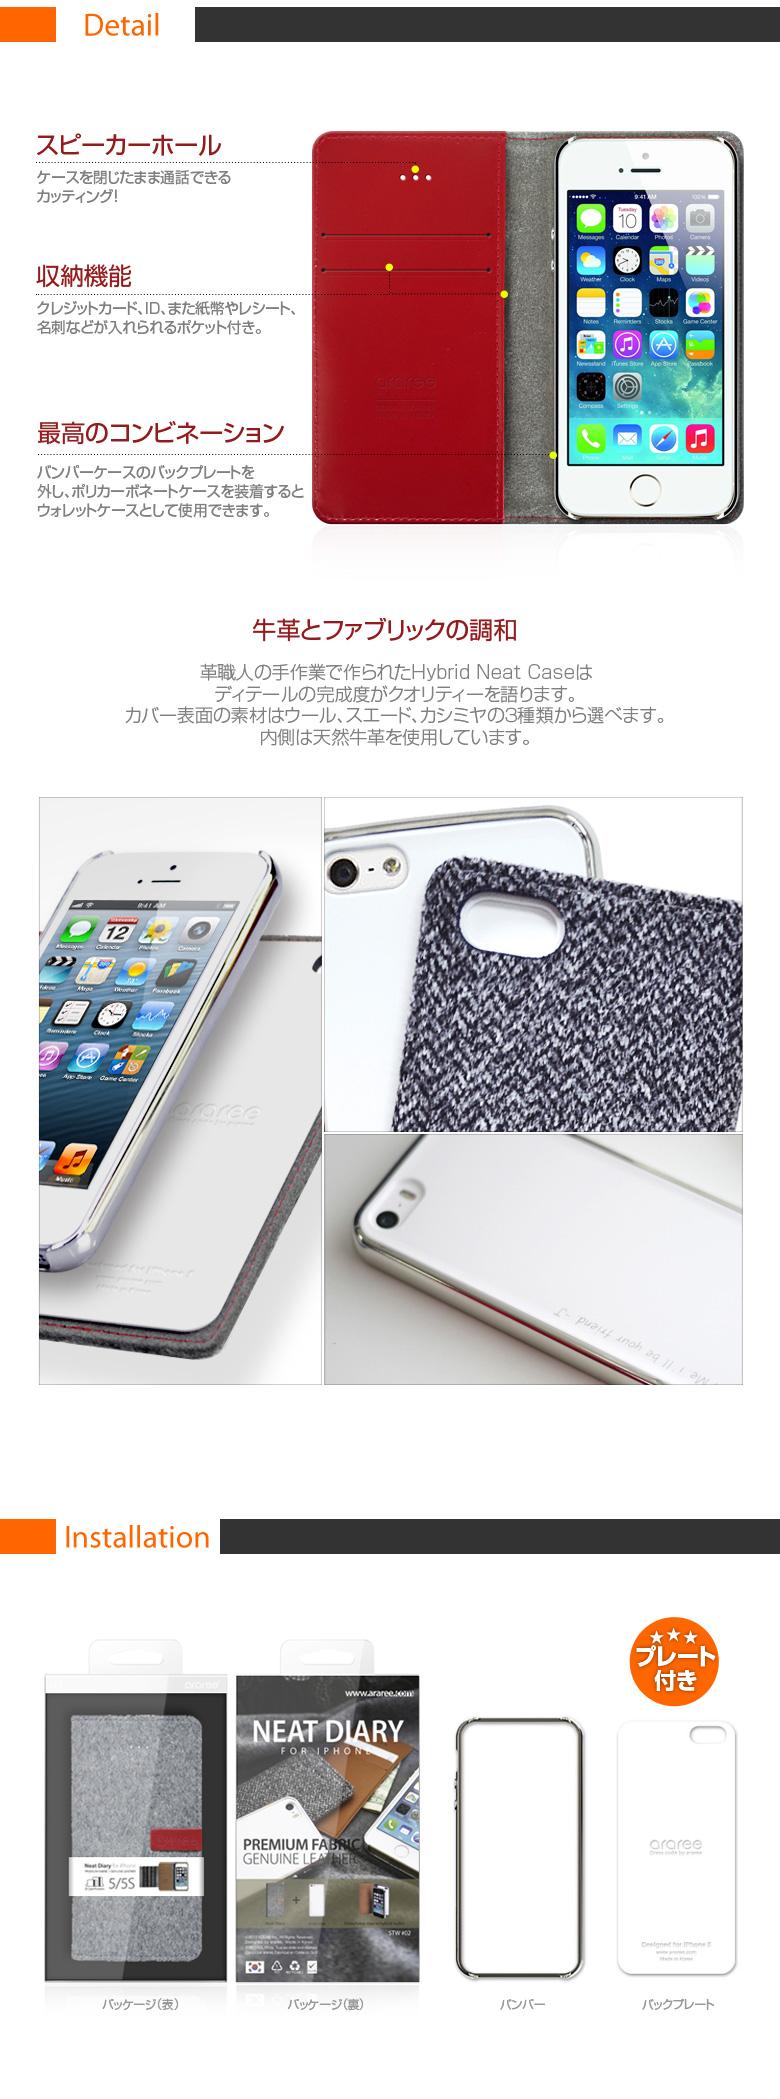 商品詳細2iPhone5/5s ケースHybrid Neat Diary  (ハイブリッドニートダイアリー )